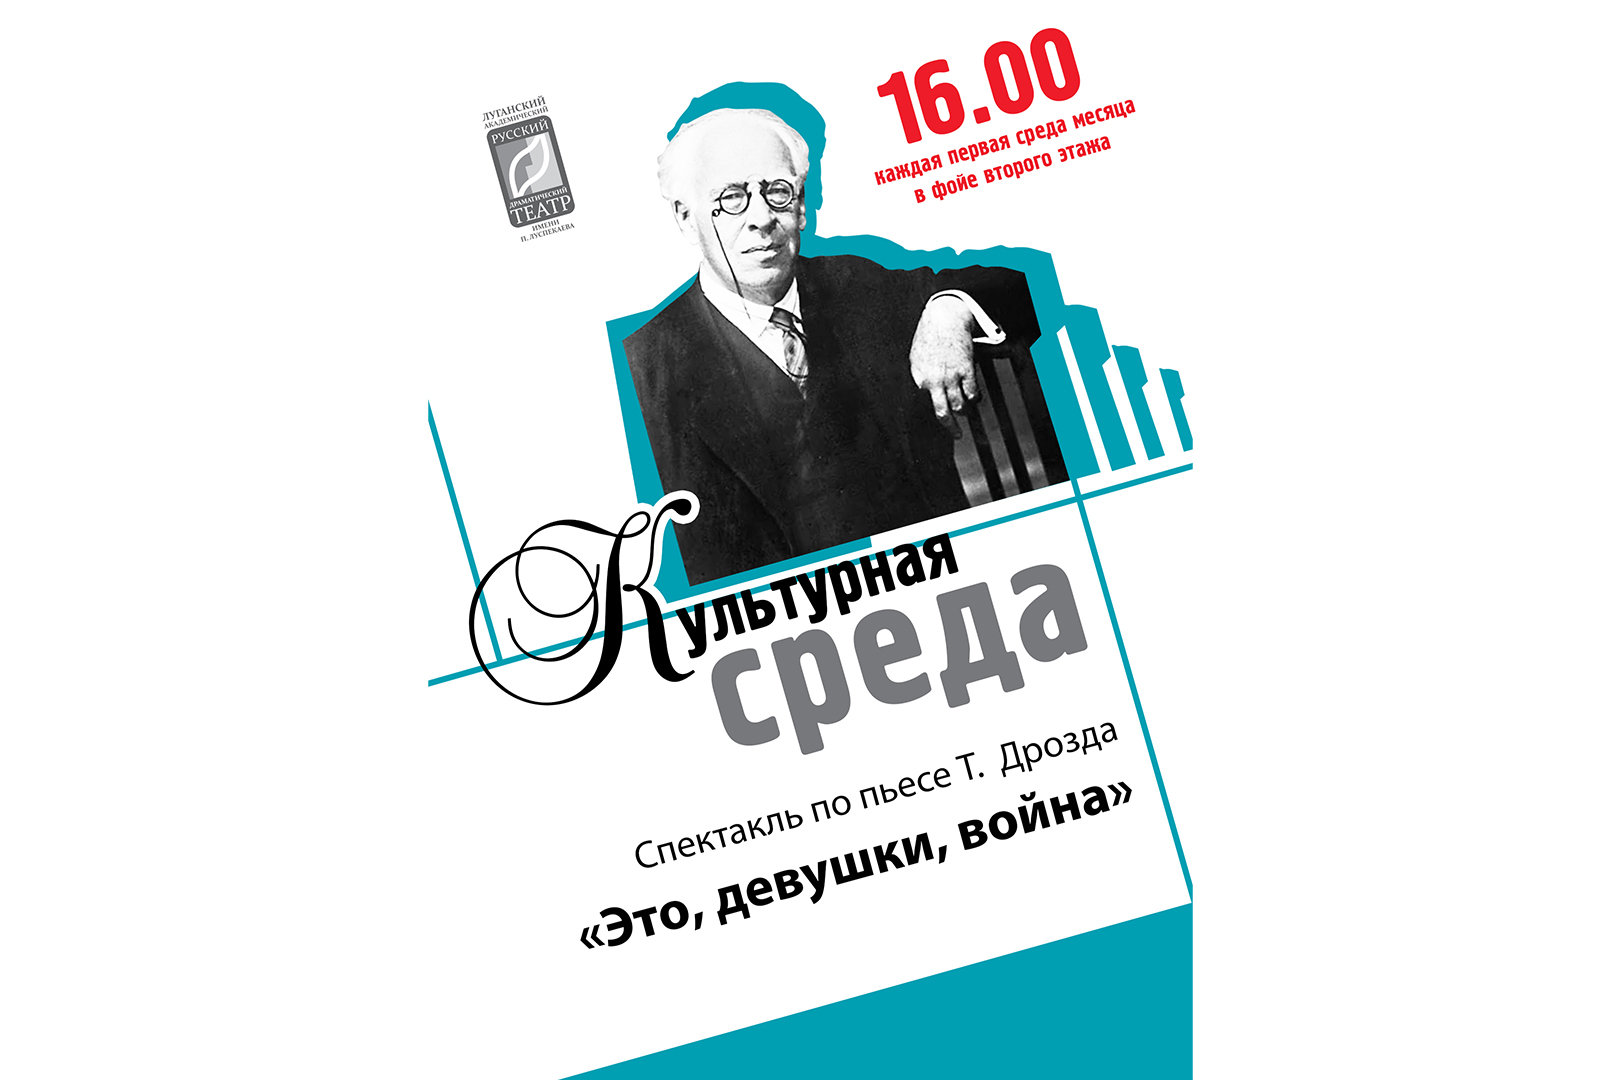 Луганский театр в рамках проекта «Культурная среда» представит пьесу «Это, девушки, война»